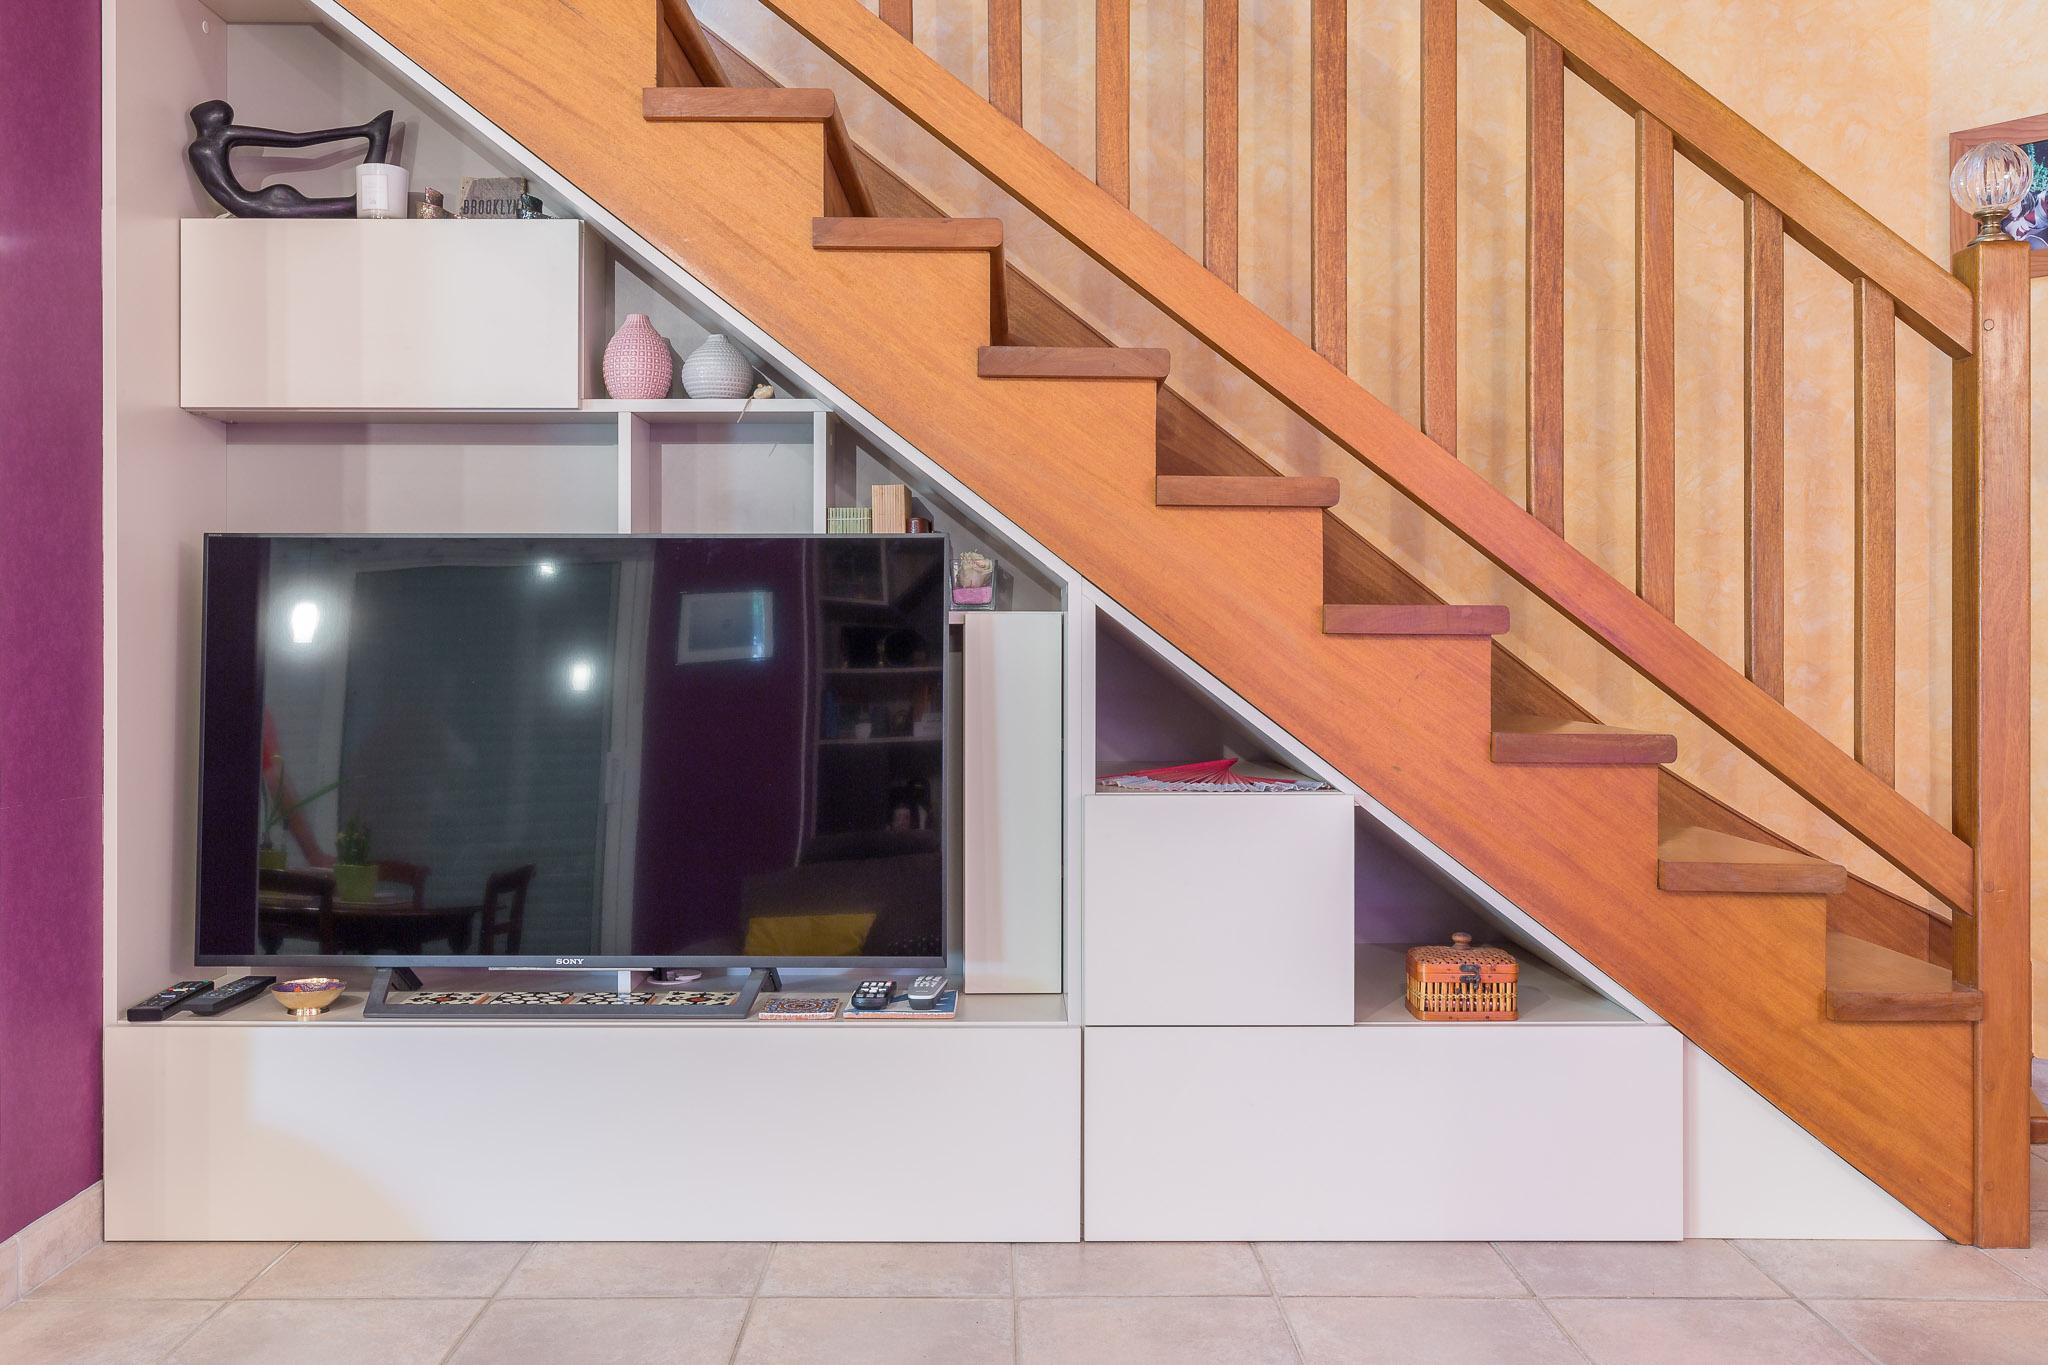 meuble tv sous escalier vannes interieurs prives